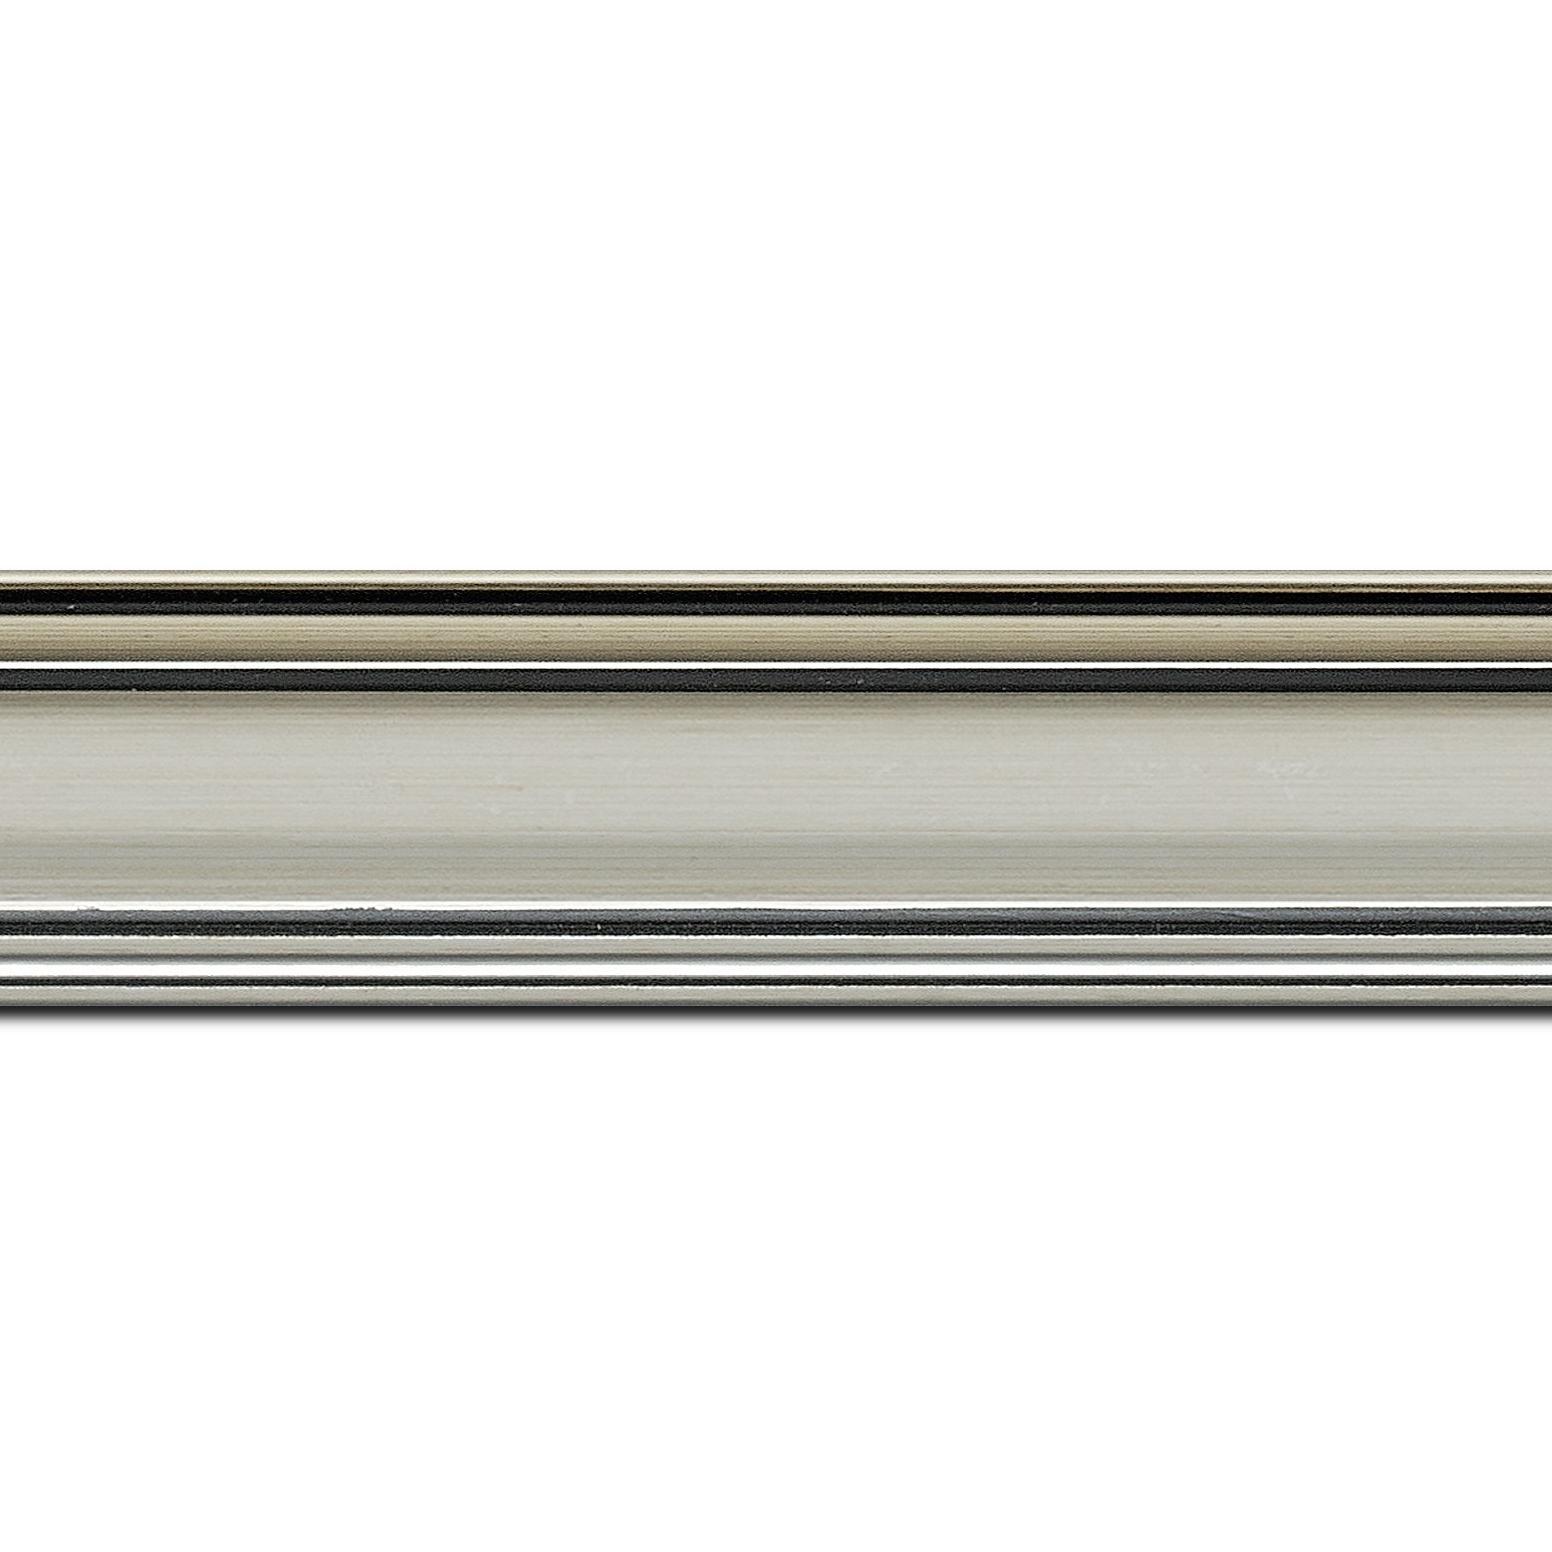 Baguette longueur 1.40m bois profil bombé largeur 5cm couleur argent chaud filet noir